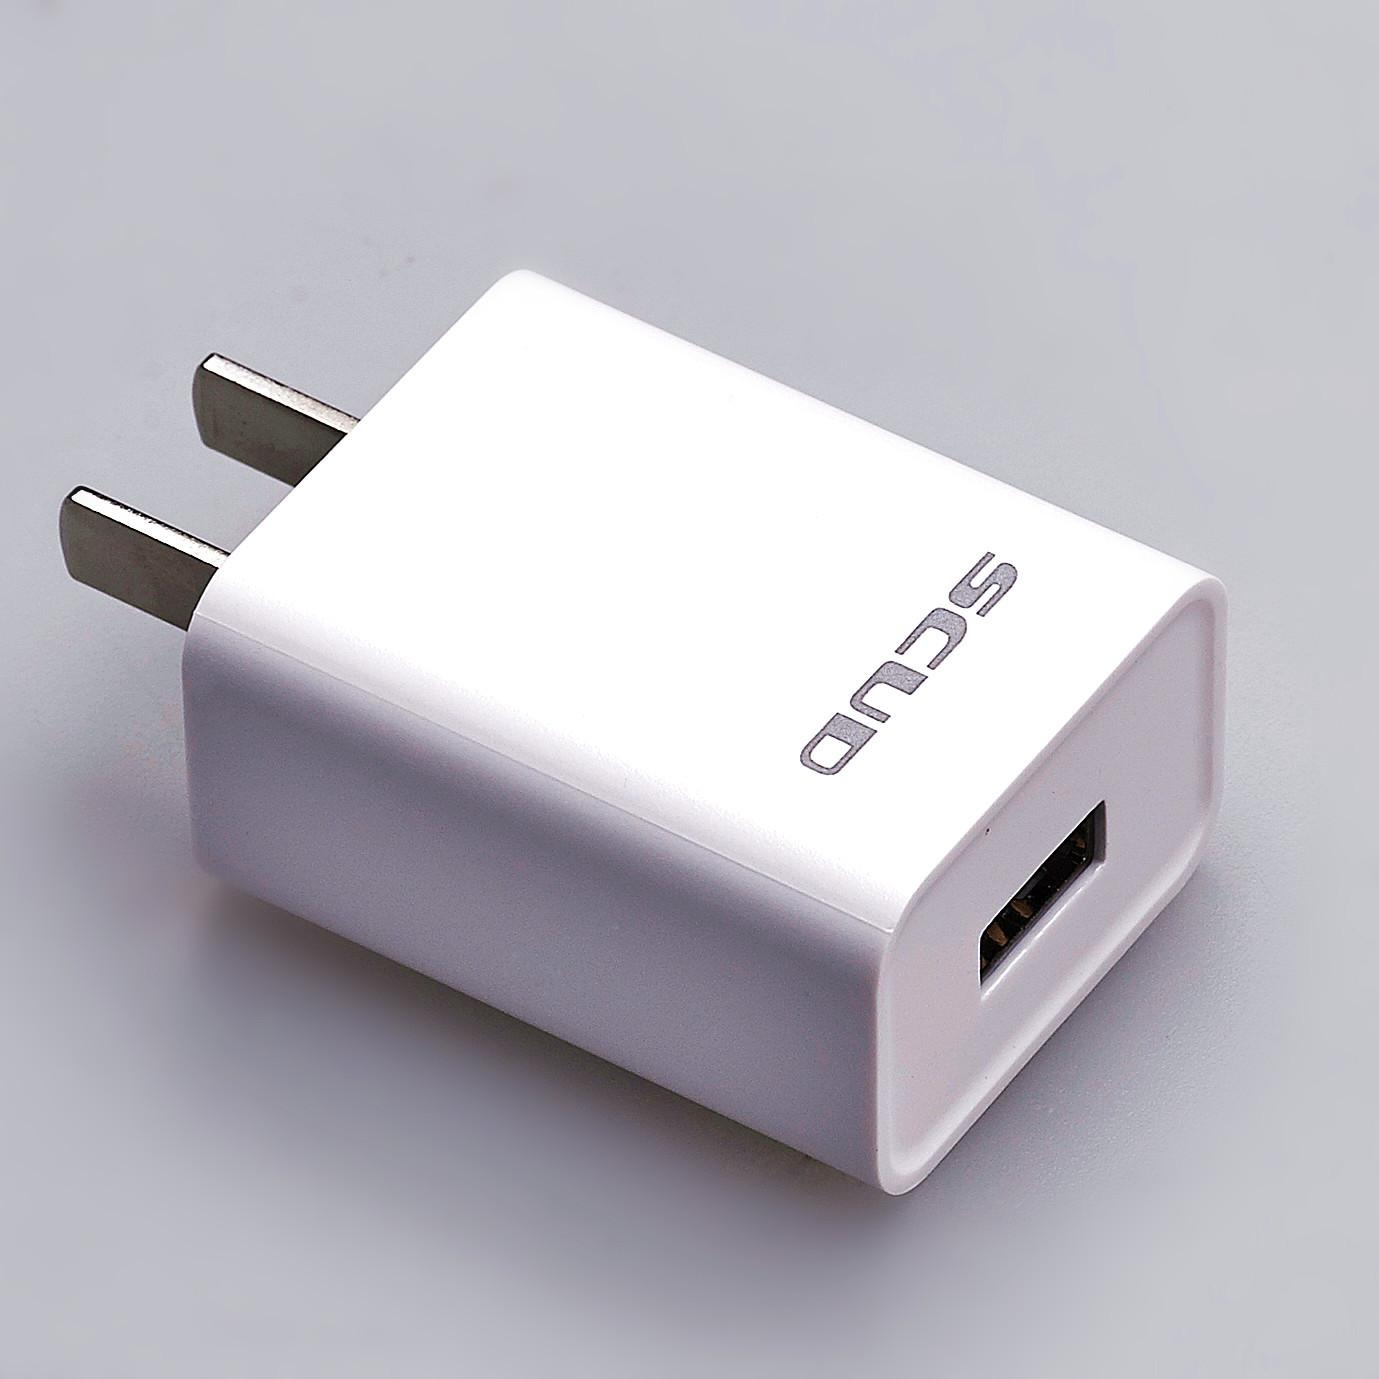 Зарядное устройство для мобильных телефонов Scud  5v2A USB аккумулятор scud m60q7 usb